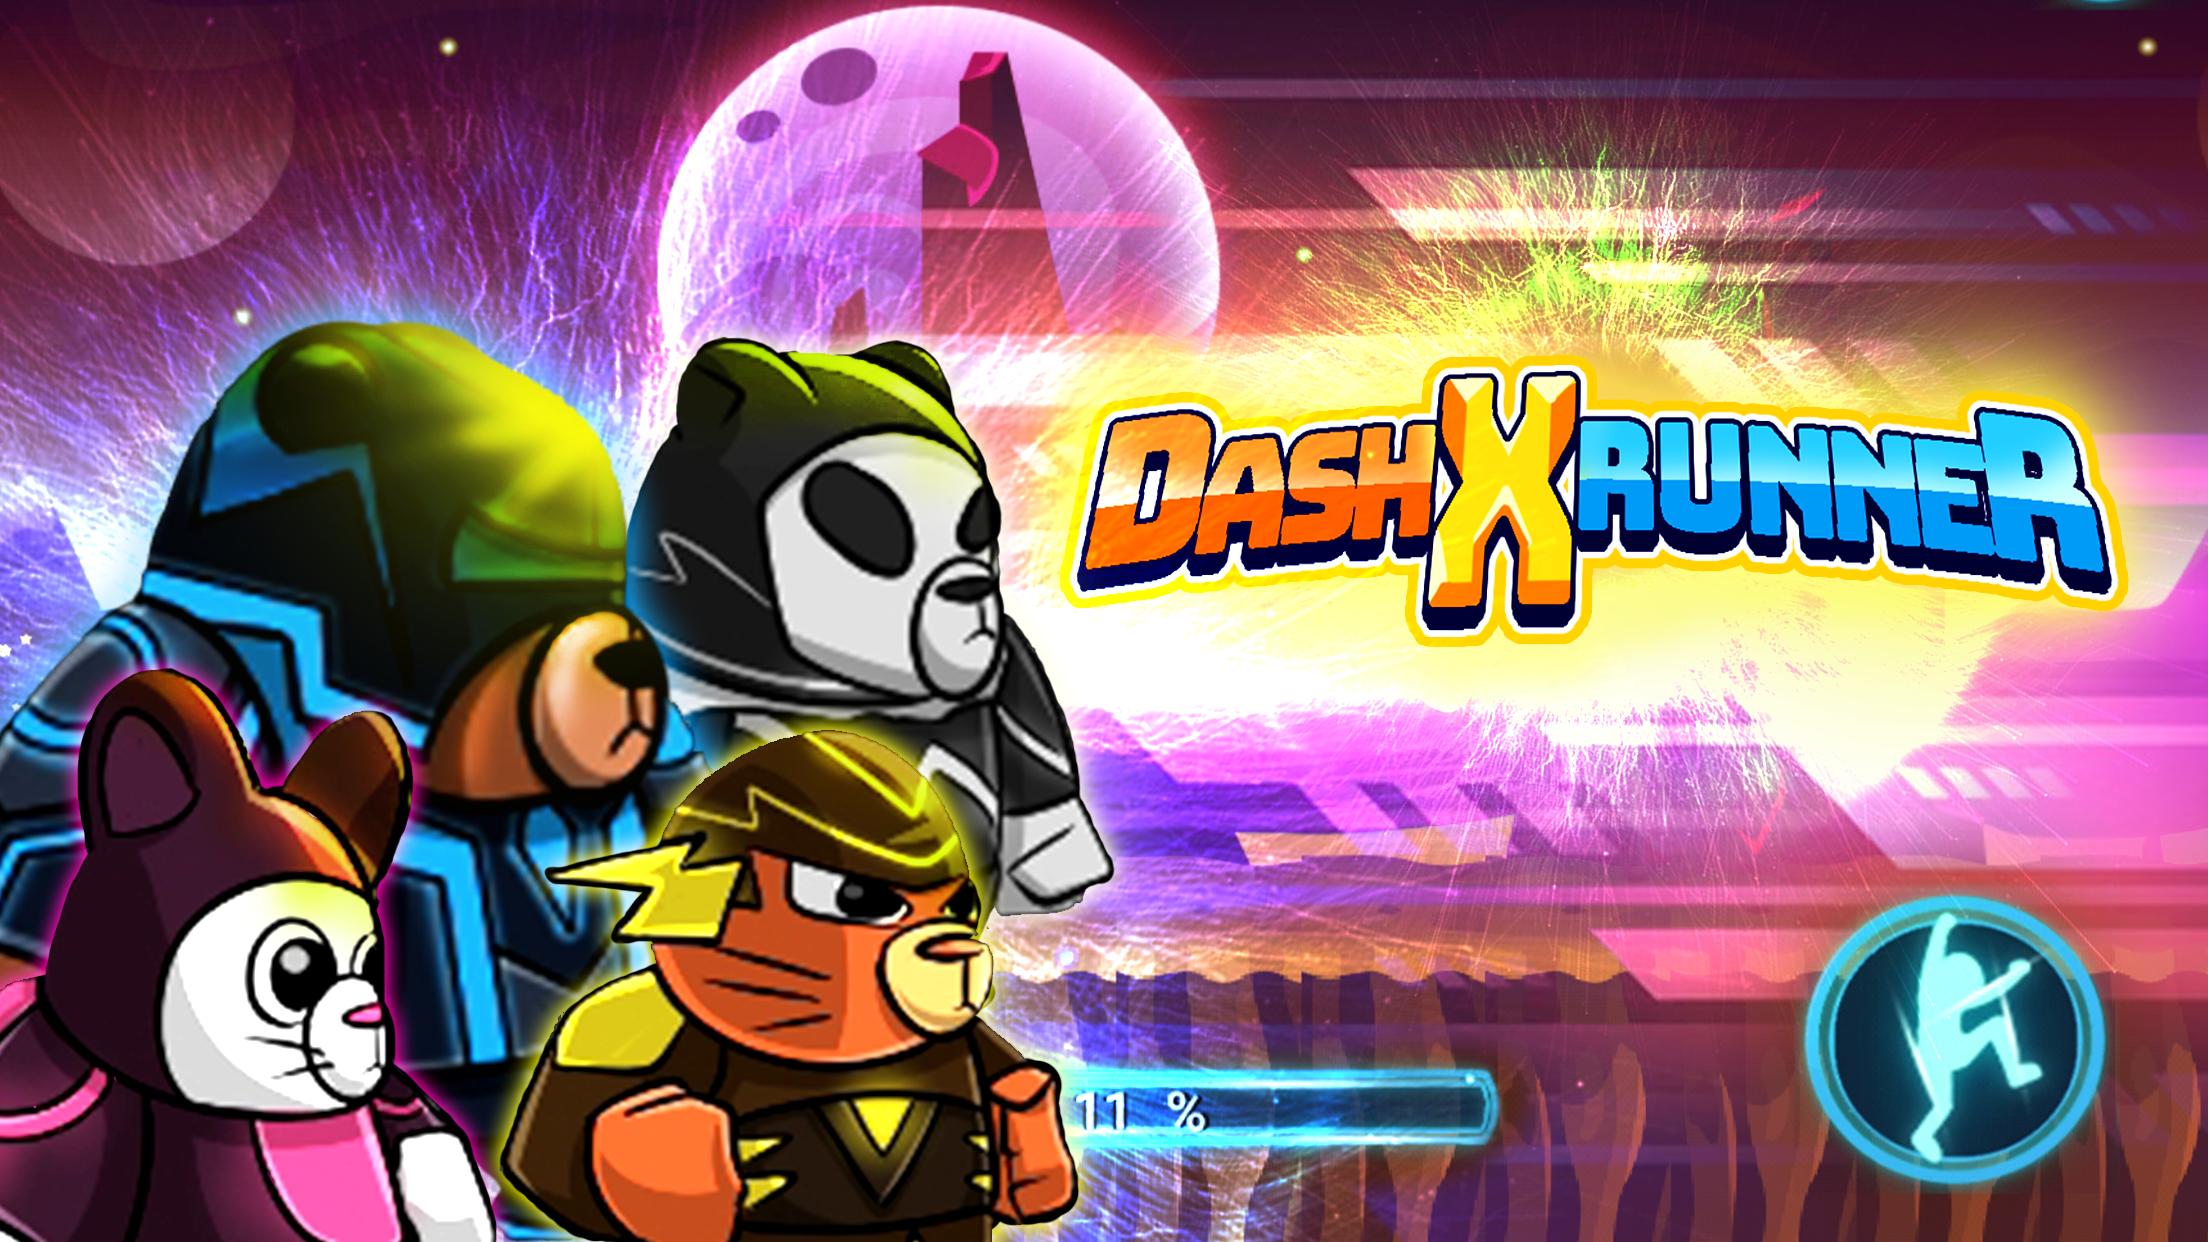 Fantasy X-Dash Run - Fantasy Space Jump